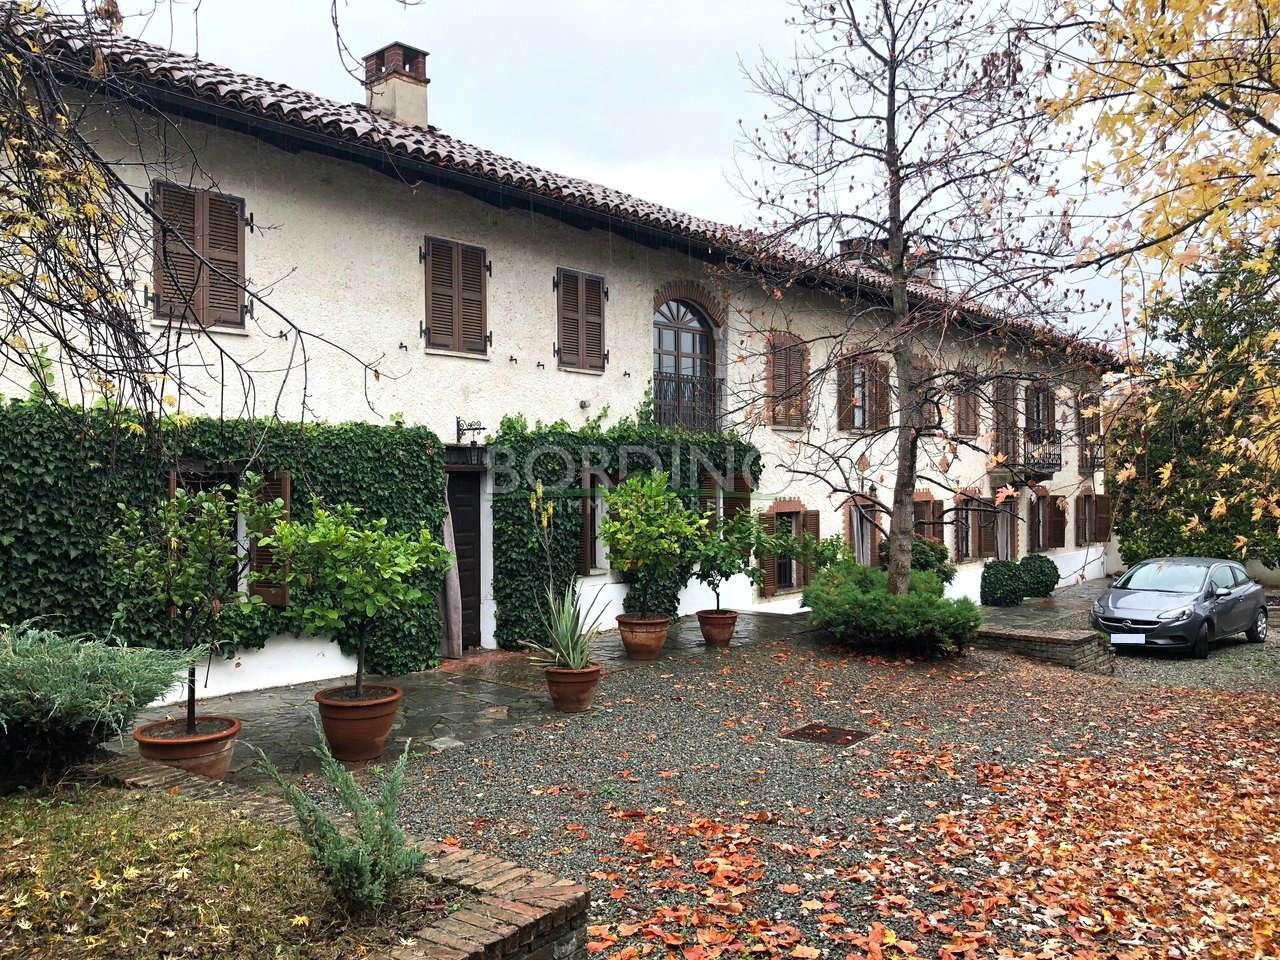 Soluzione Indipendente in vendita a Agliano Terme, 11 locali, prezzo € 190.000   PortaleAgenzieImmobiliari.it